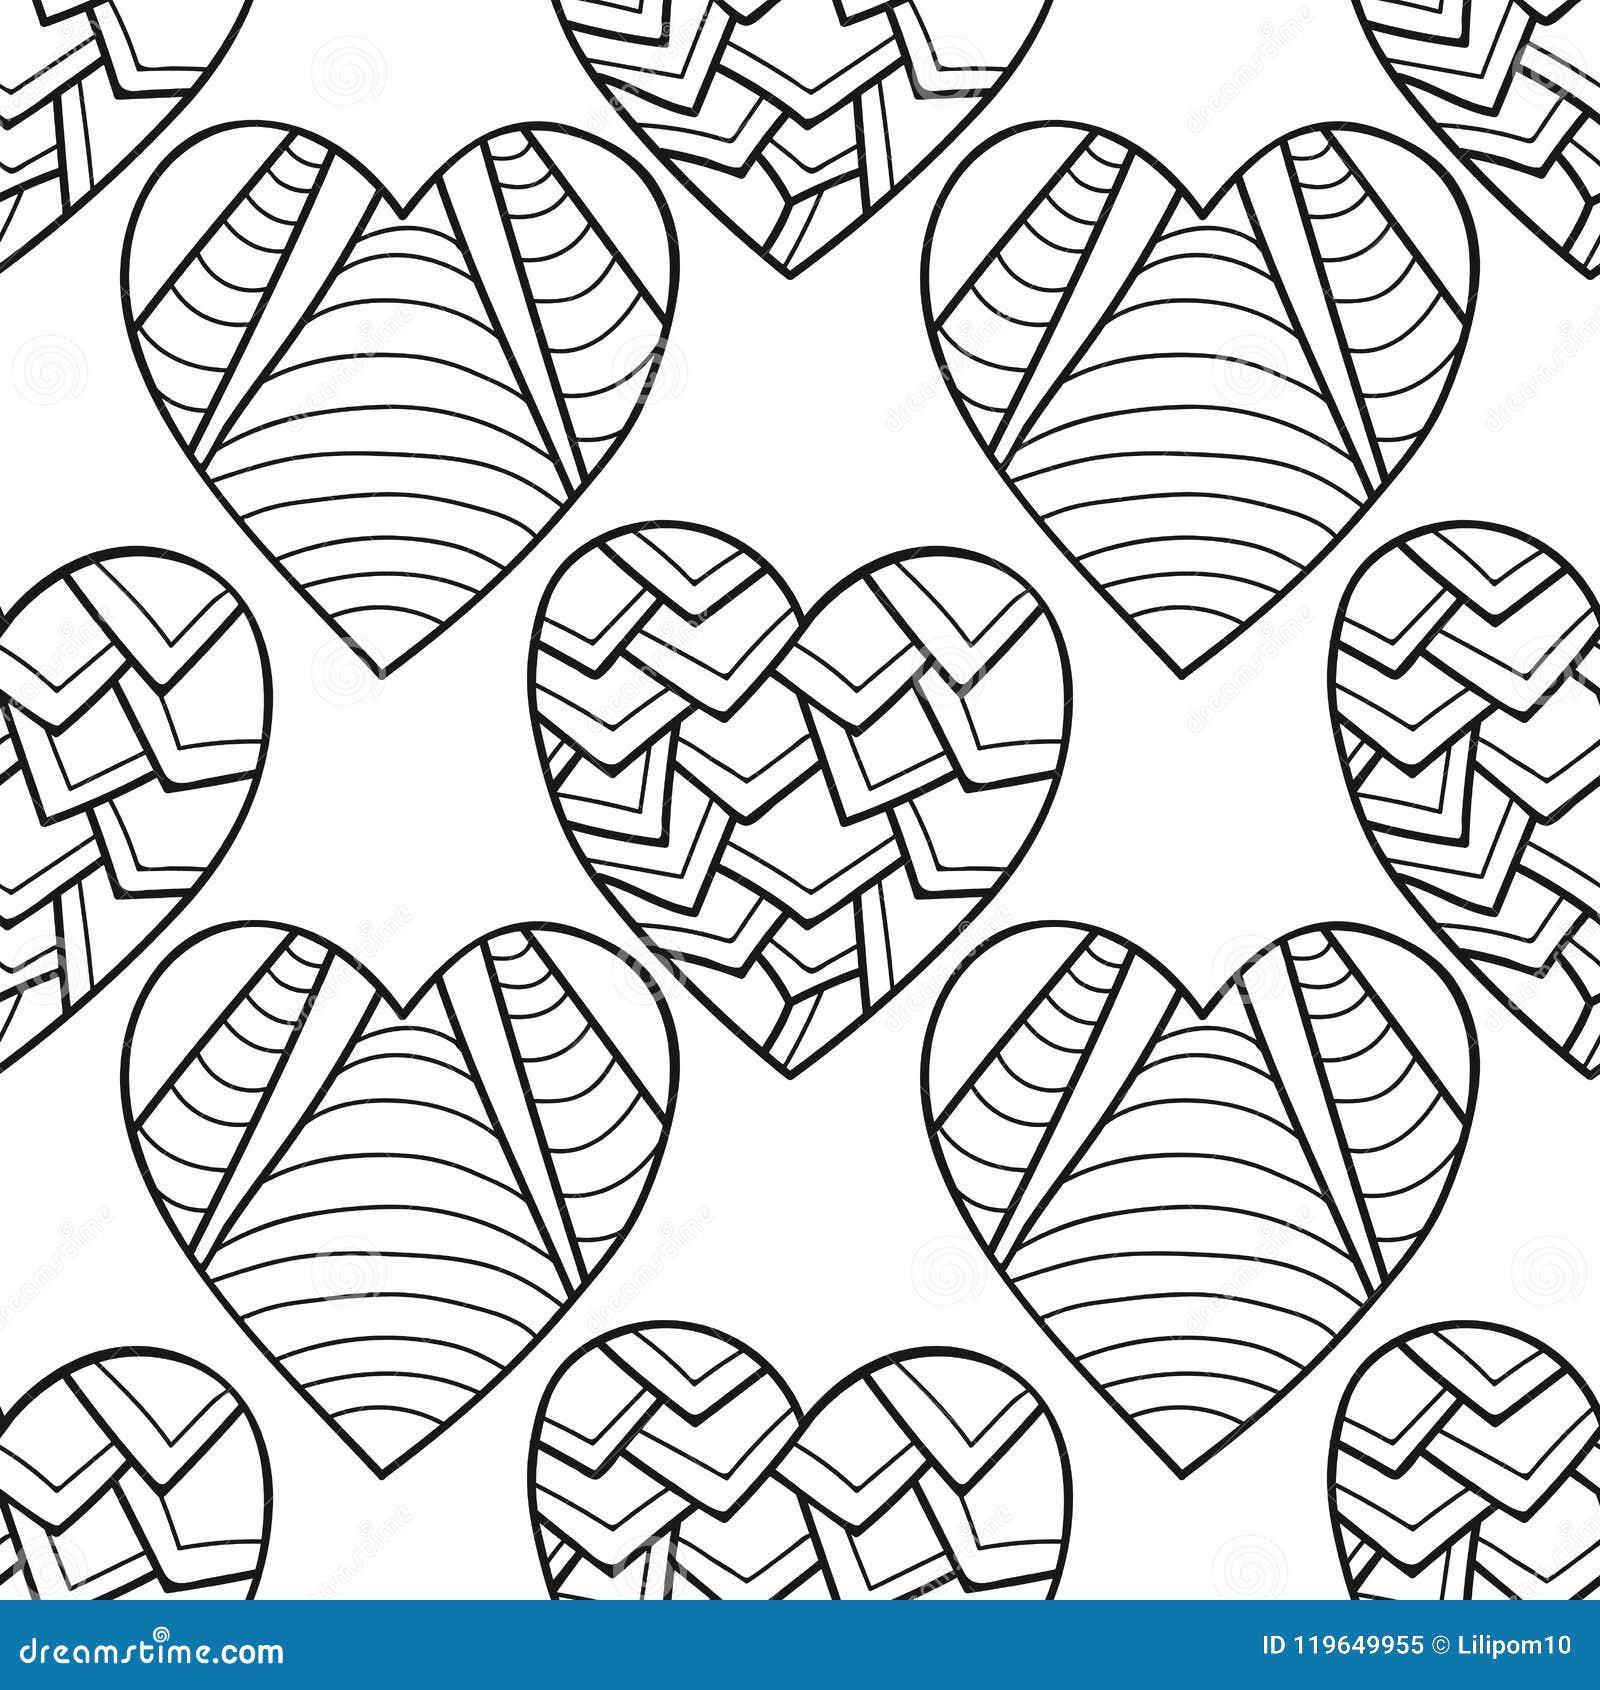 Cuori Decorativi Illustrazione In Bianco E Nero Per Il Libro Da